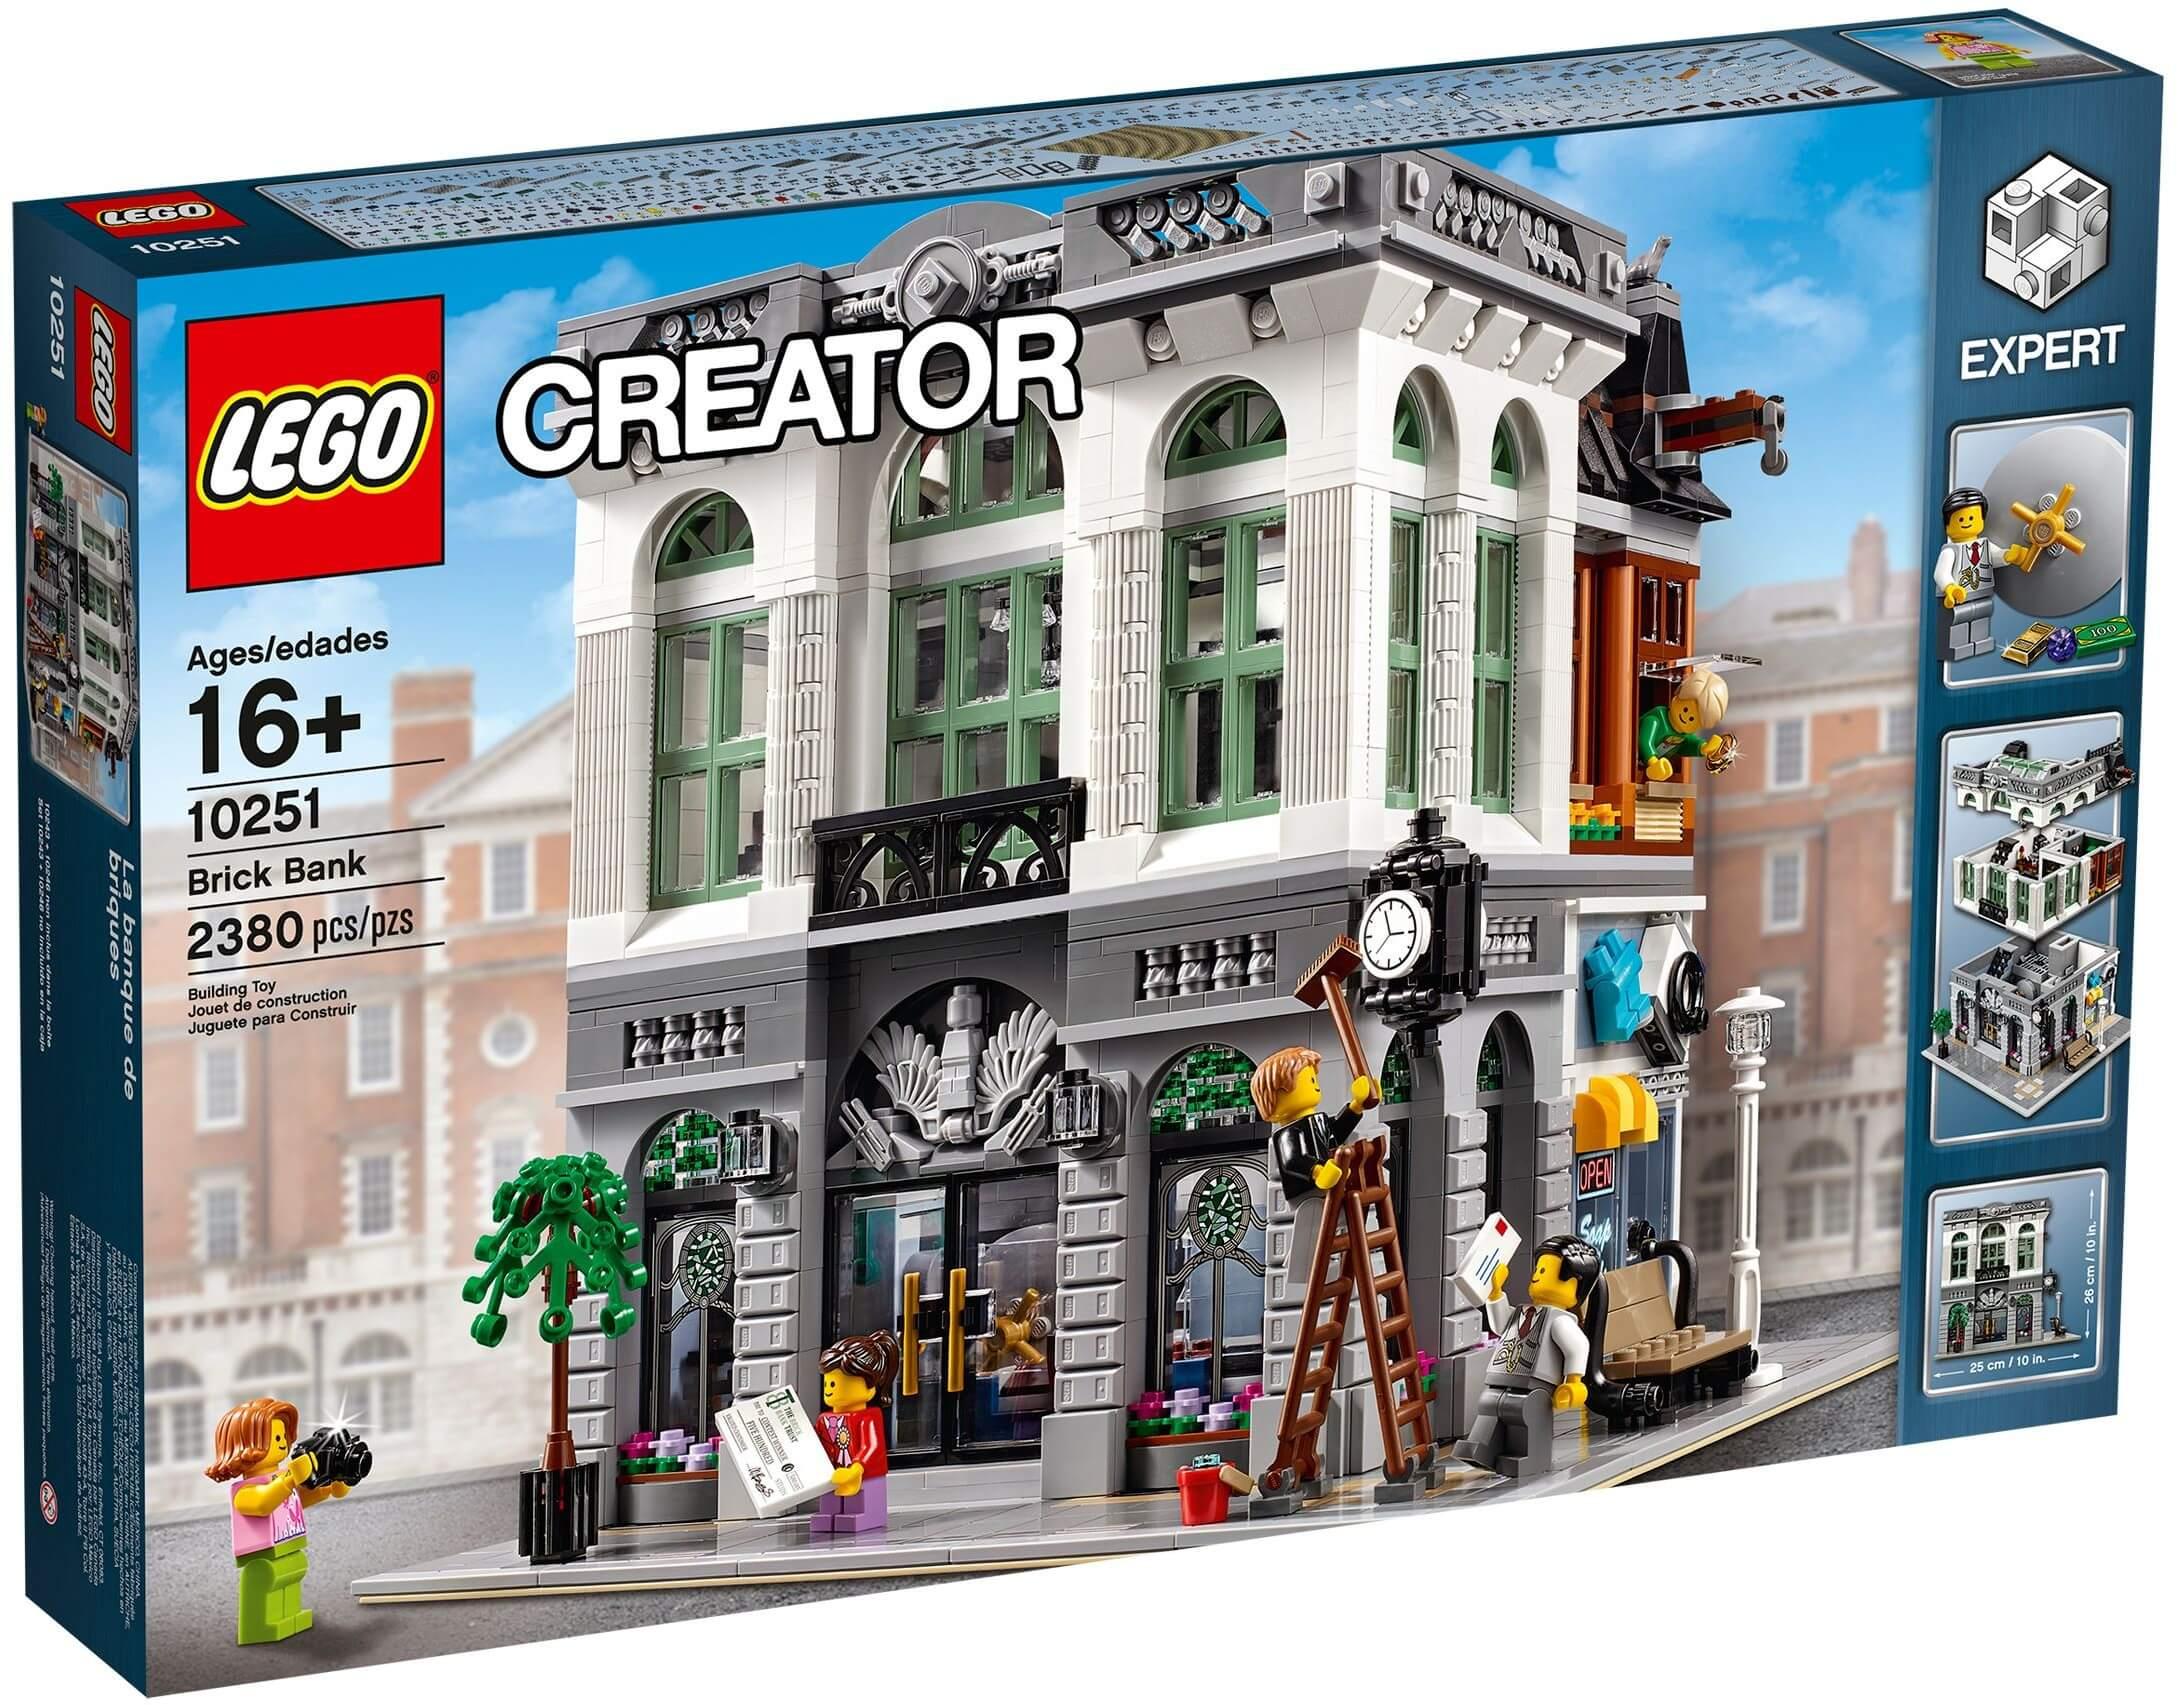 Mua đồ chơi LEGO 10251 - LEGO Creator Expert 10251 - Mô hình cao cấp Ngân Hàng (LEGO Creator Brick Bank 10251)